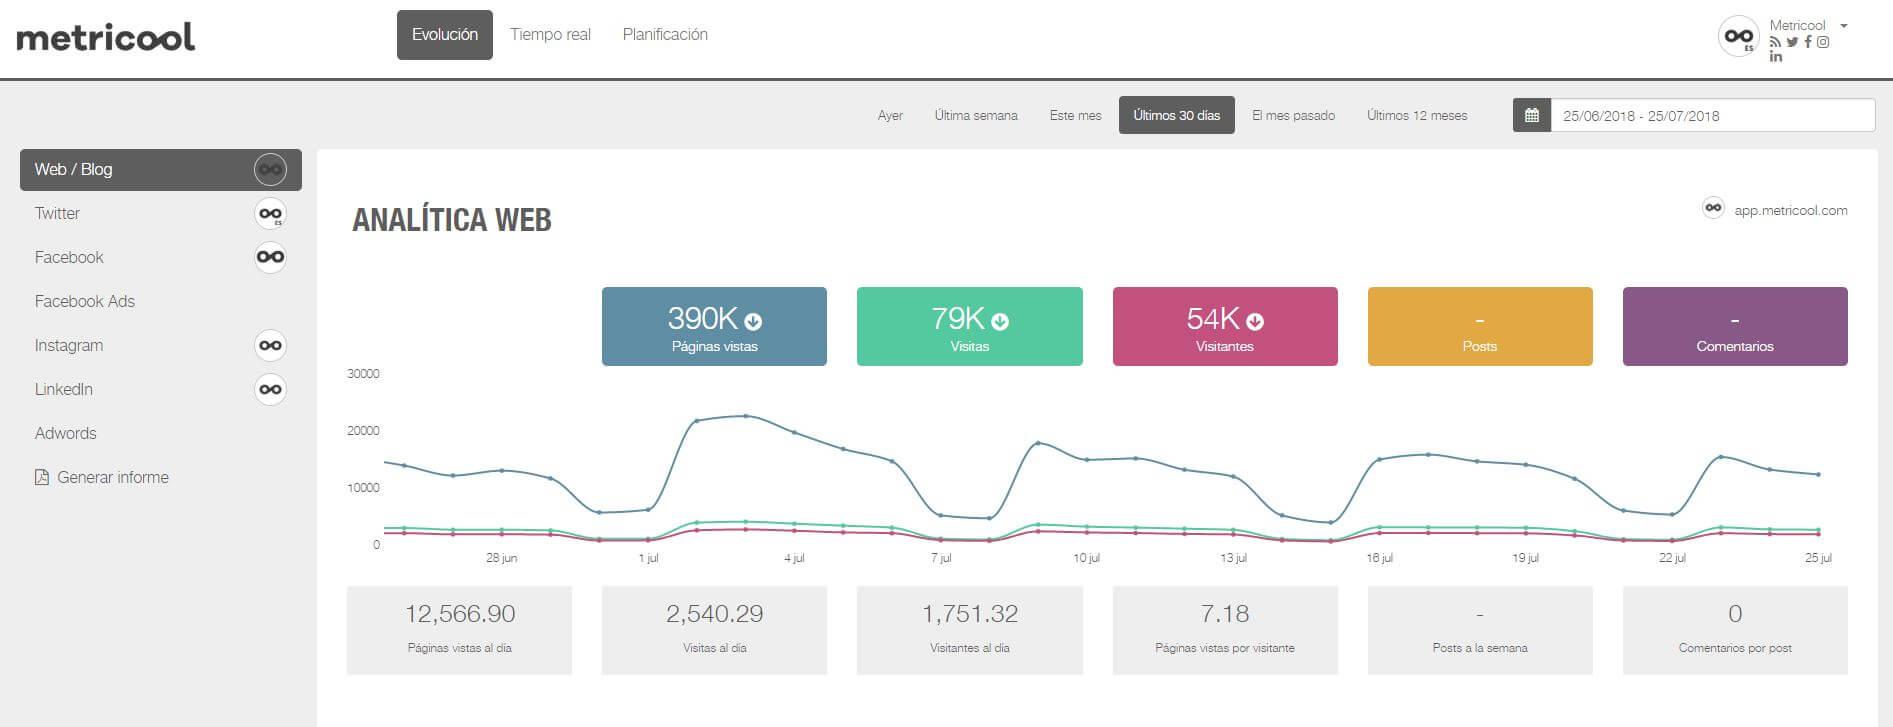 Análisis de la viralización de un contenido en redes sociales con Metricool